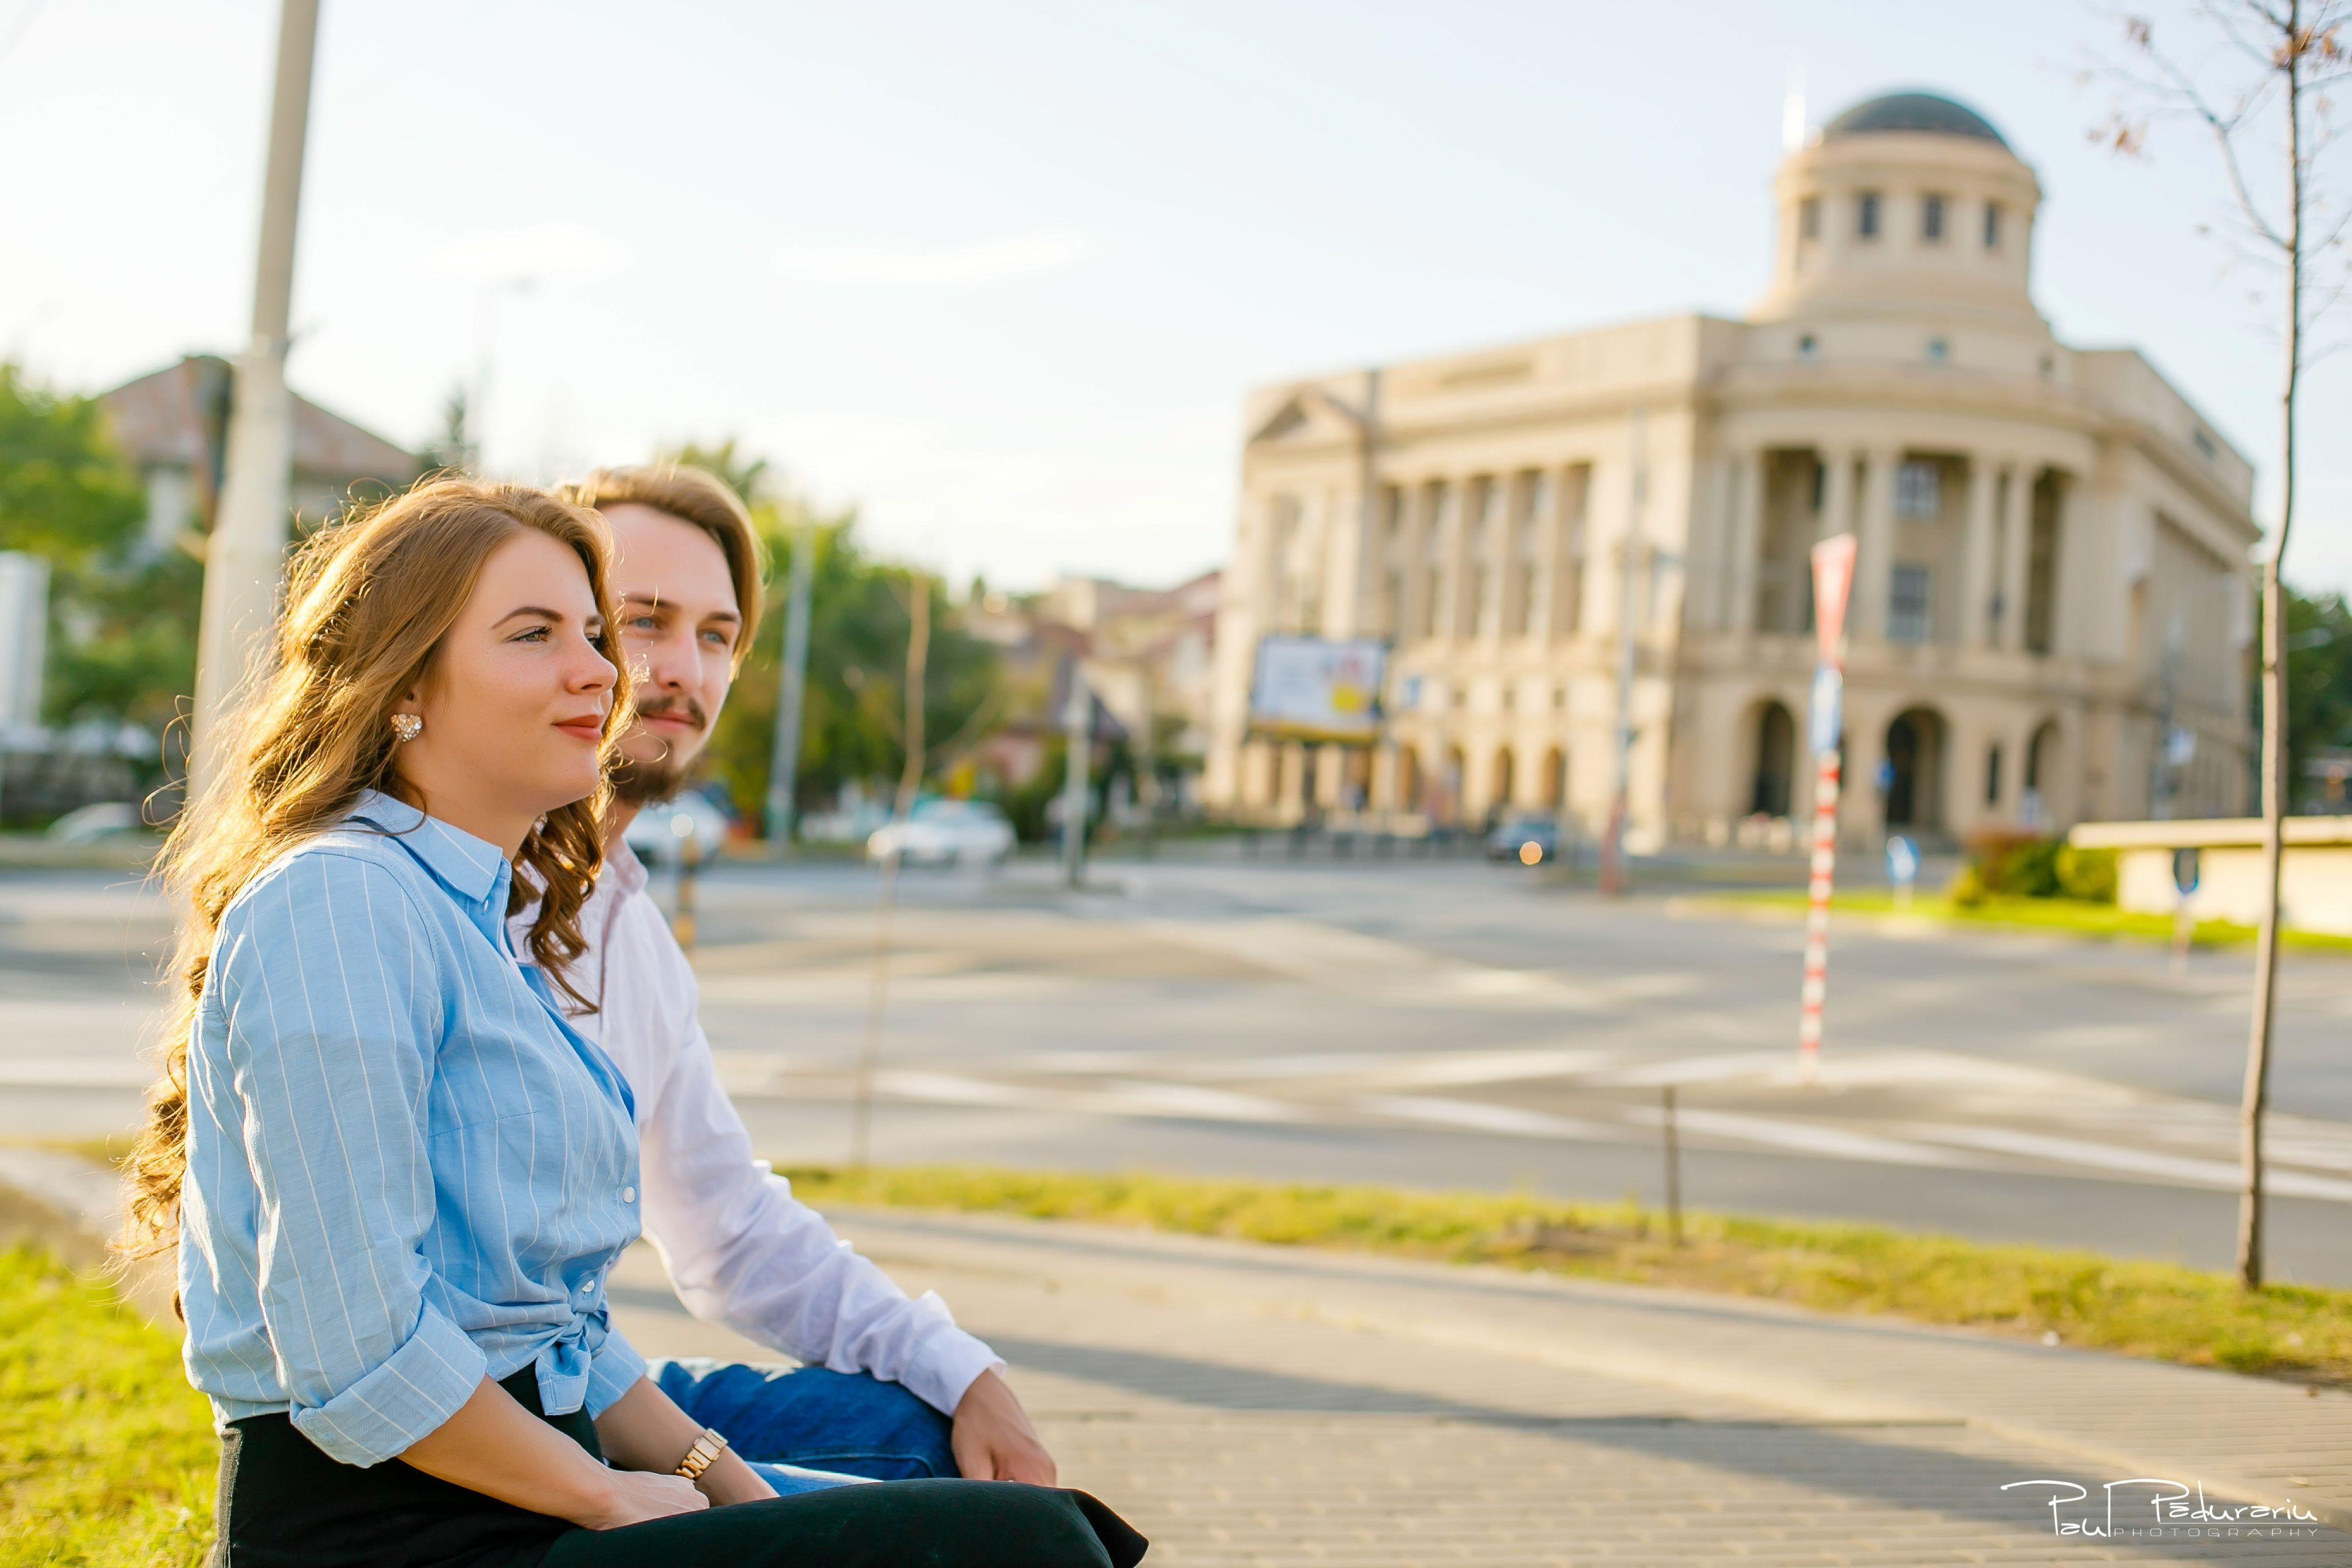 Sedinta foto logodna Marta Mihaita Iasi 2019 - paul padurariu fotograf 4